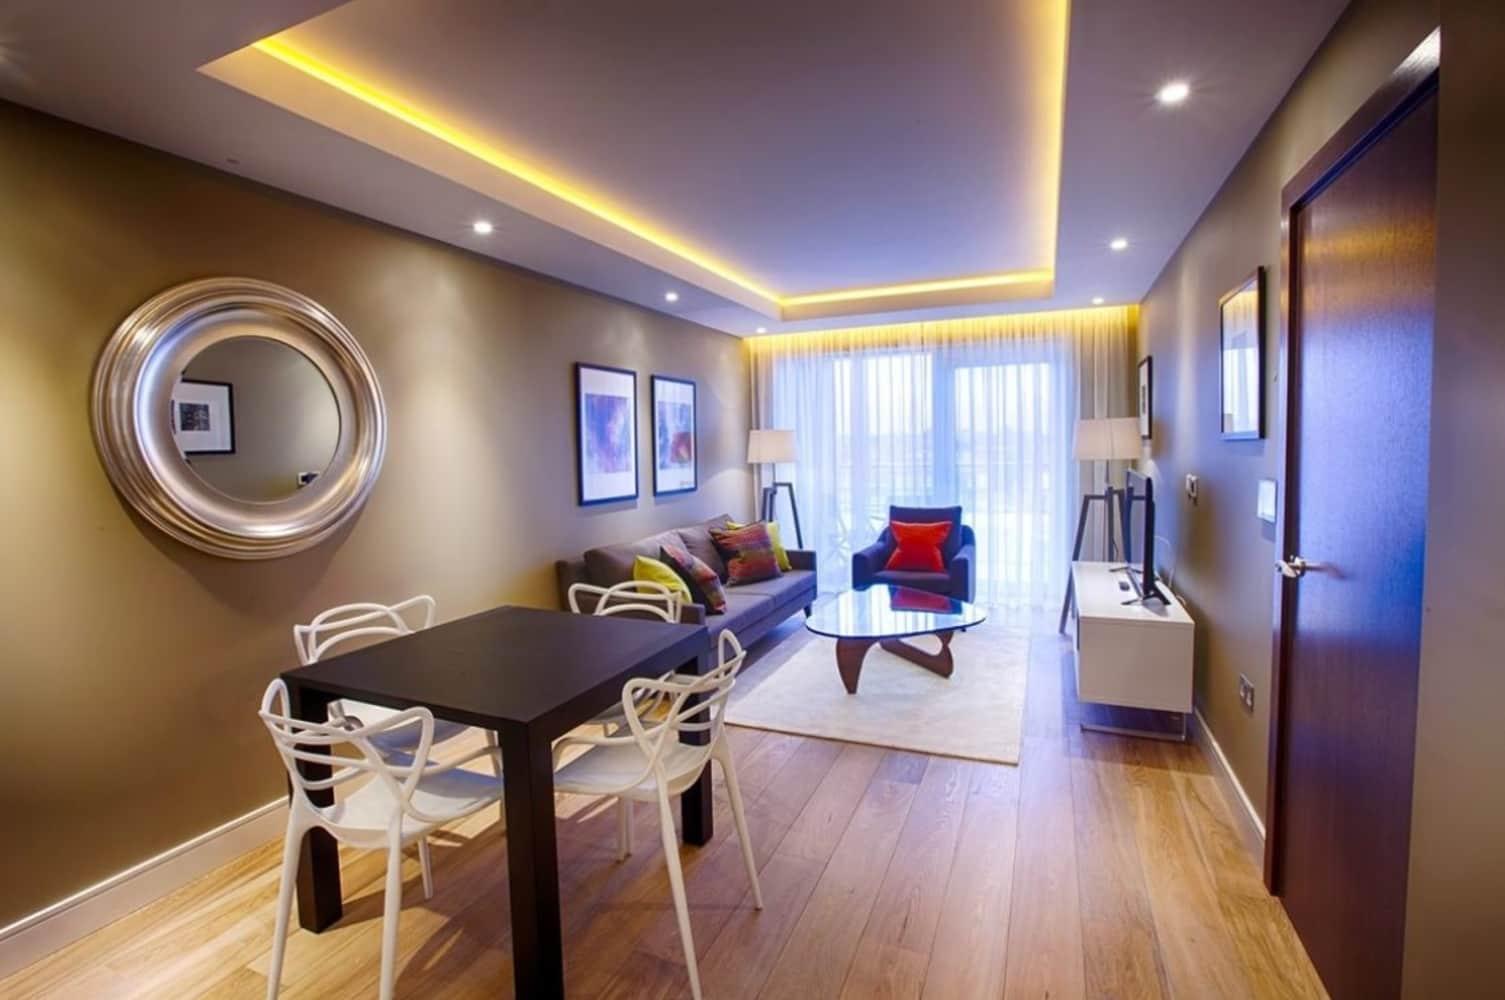 Apartment London, W6 - Parr's Way London W6 - 00